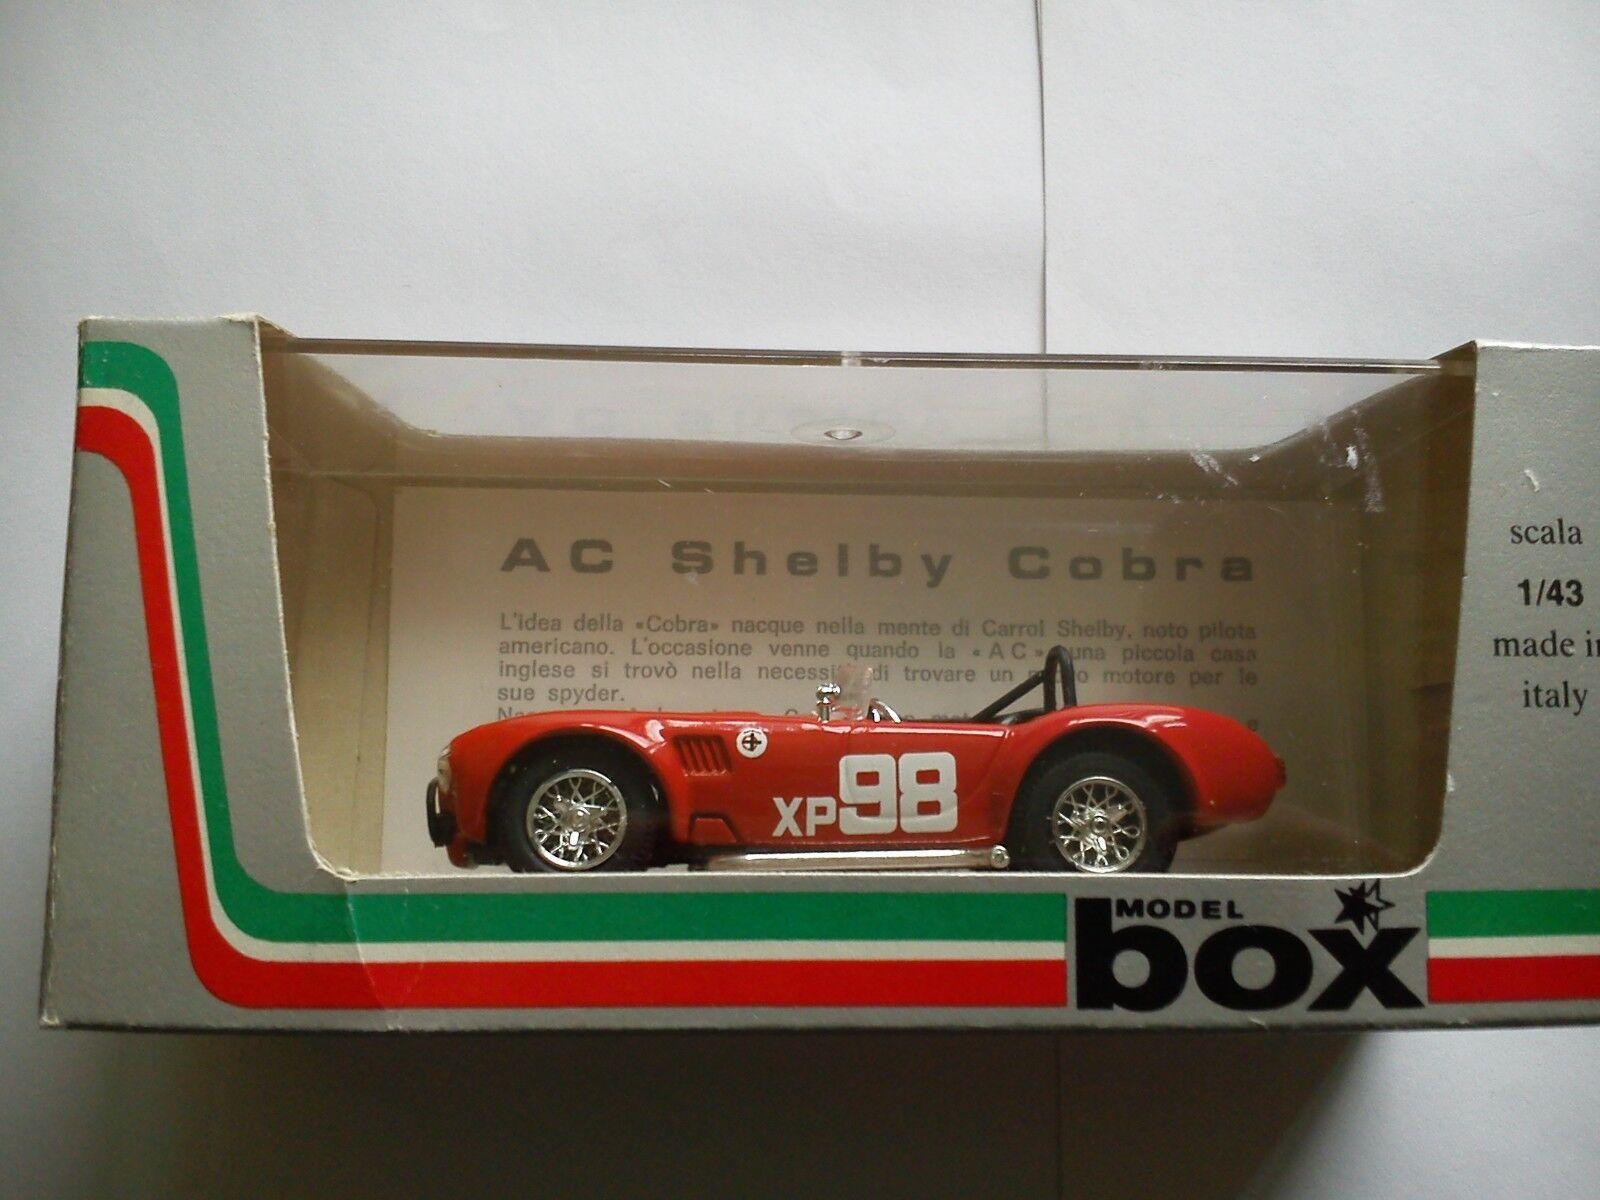 BOX 1 43 AC SHELBY COBRA  XP 98 RIVERSAIDE 1962